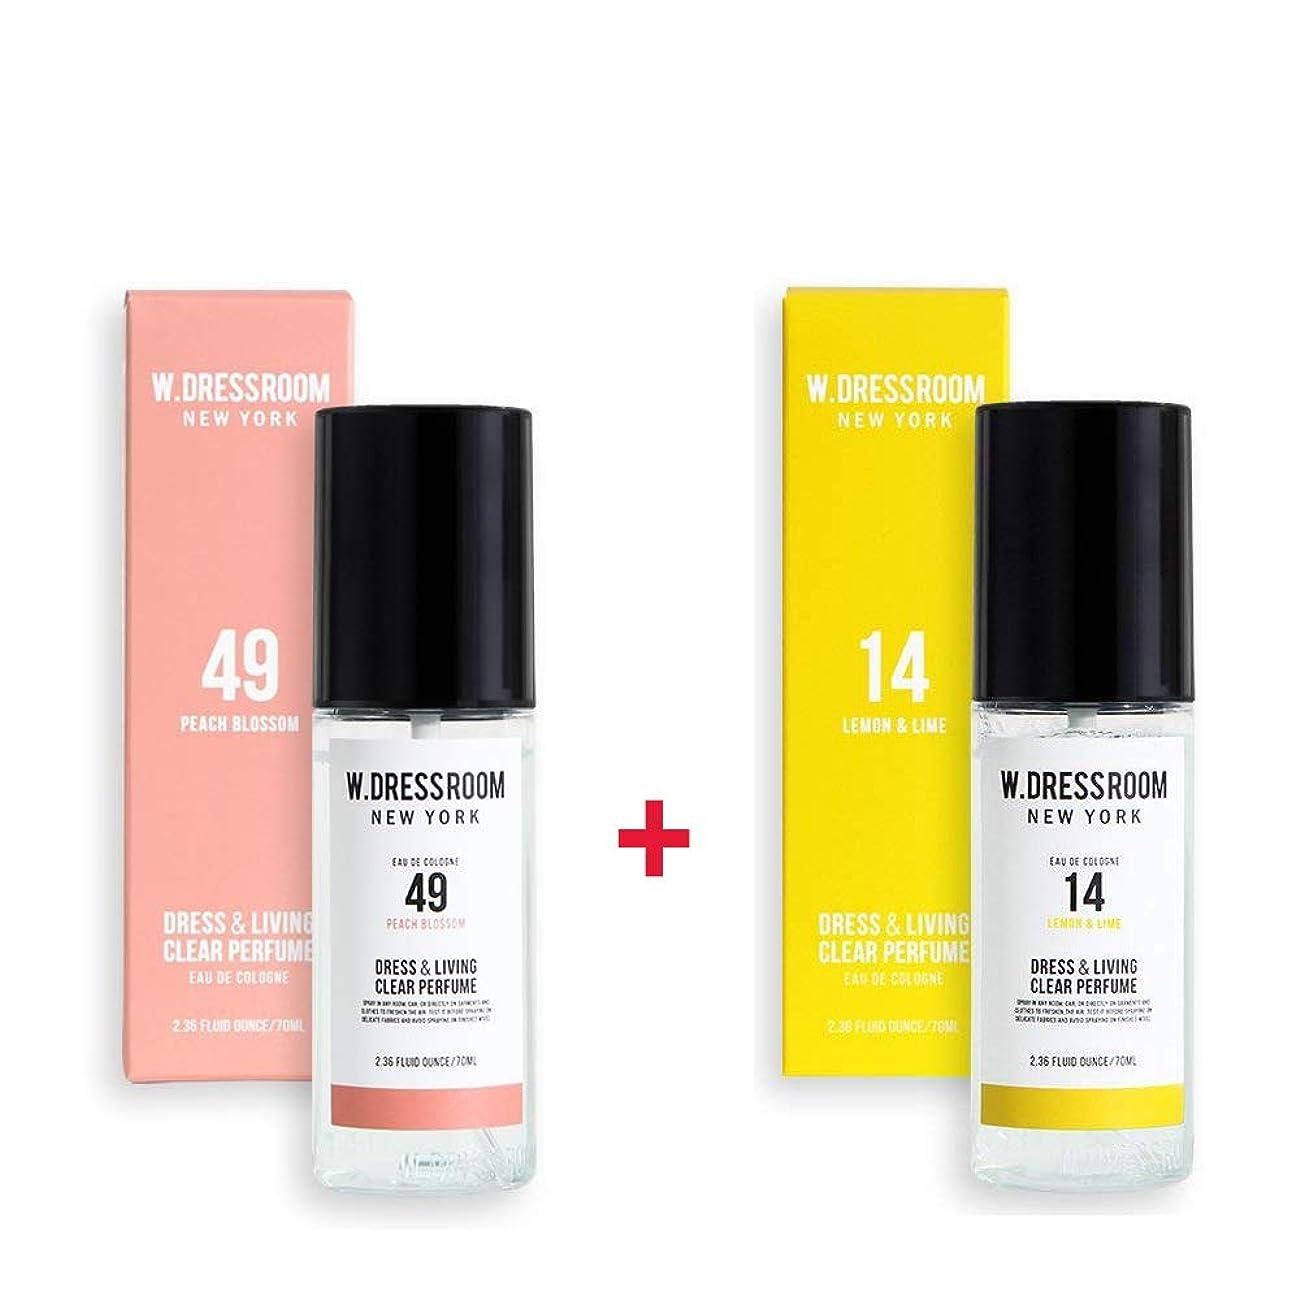 医師ガス列挙するW.DRESSROOM Dress & Living Clear Perfume 70ml (No 49 Peach Blossom)+(No 14 Lemon & Lime)